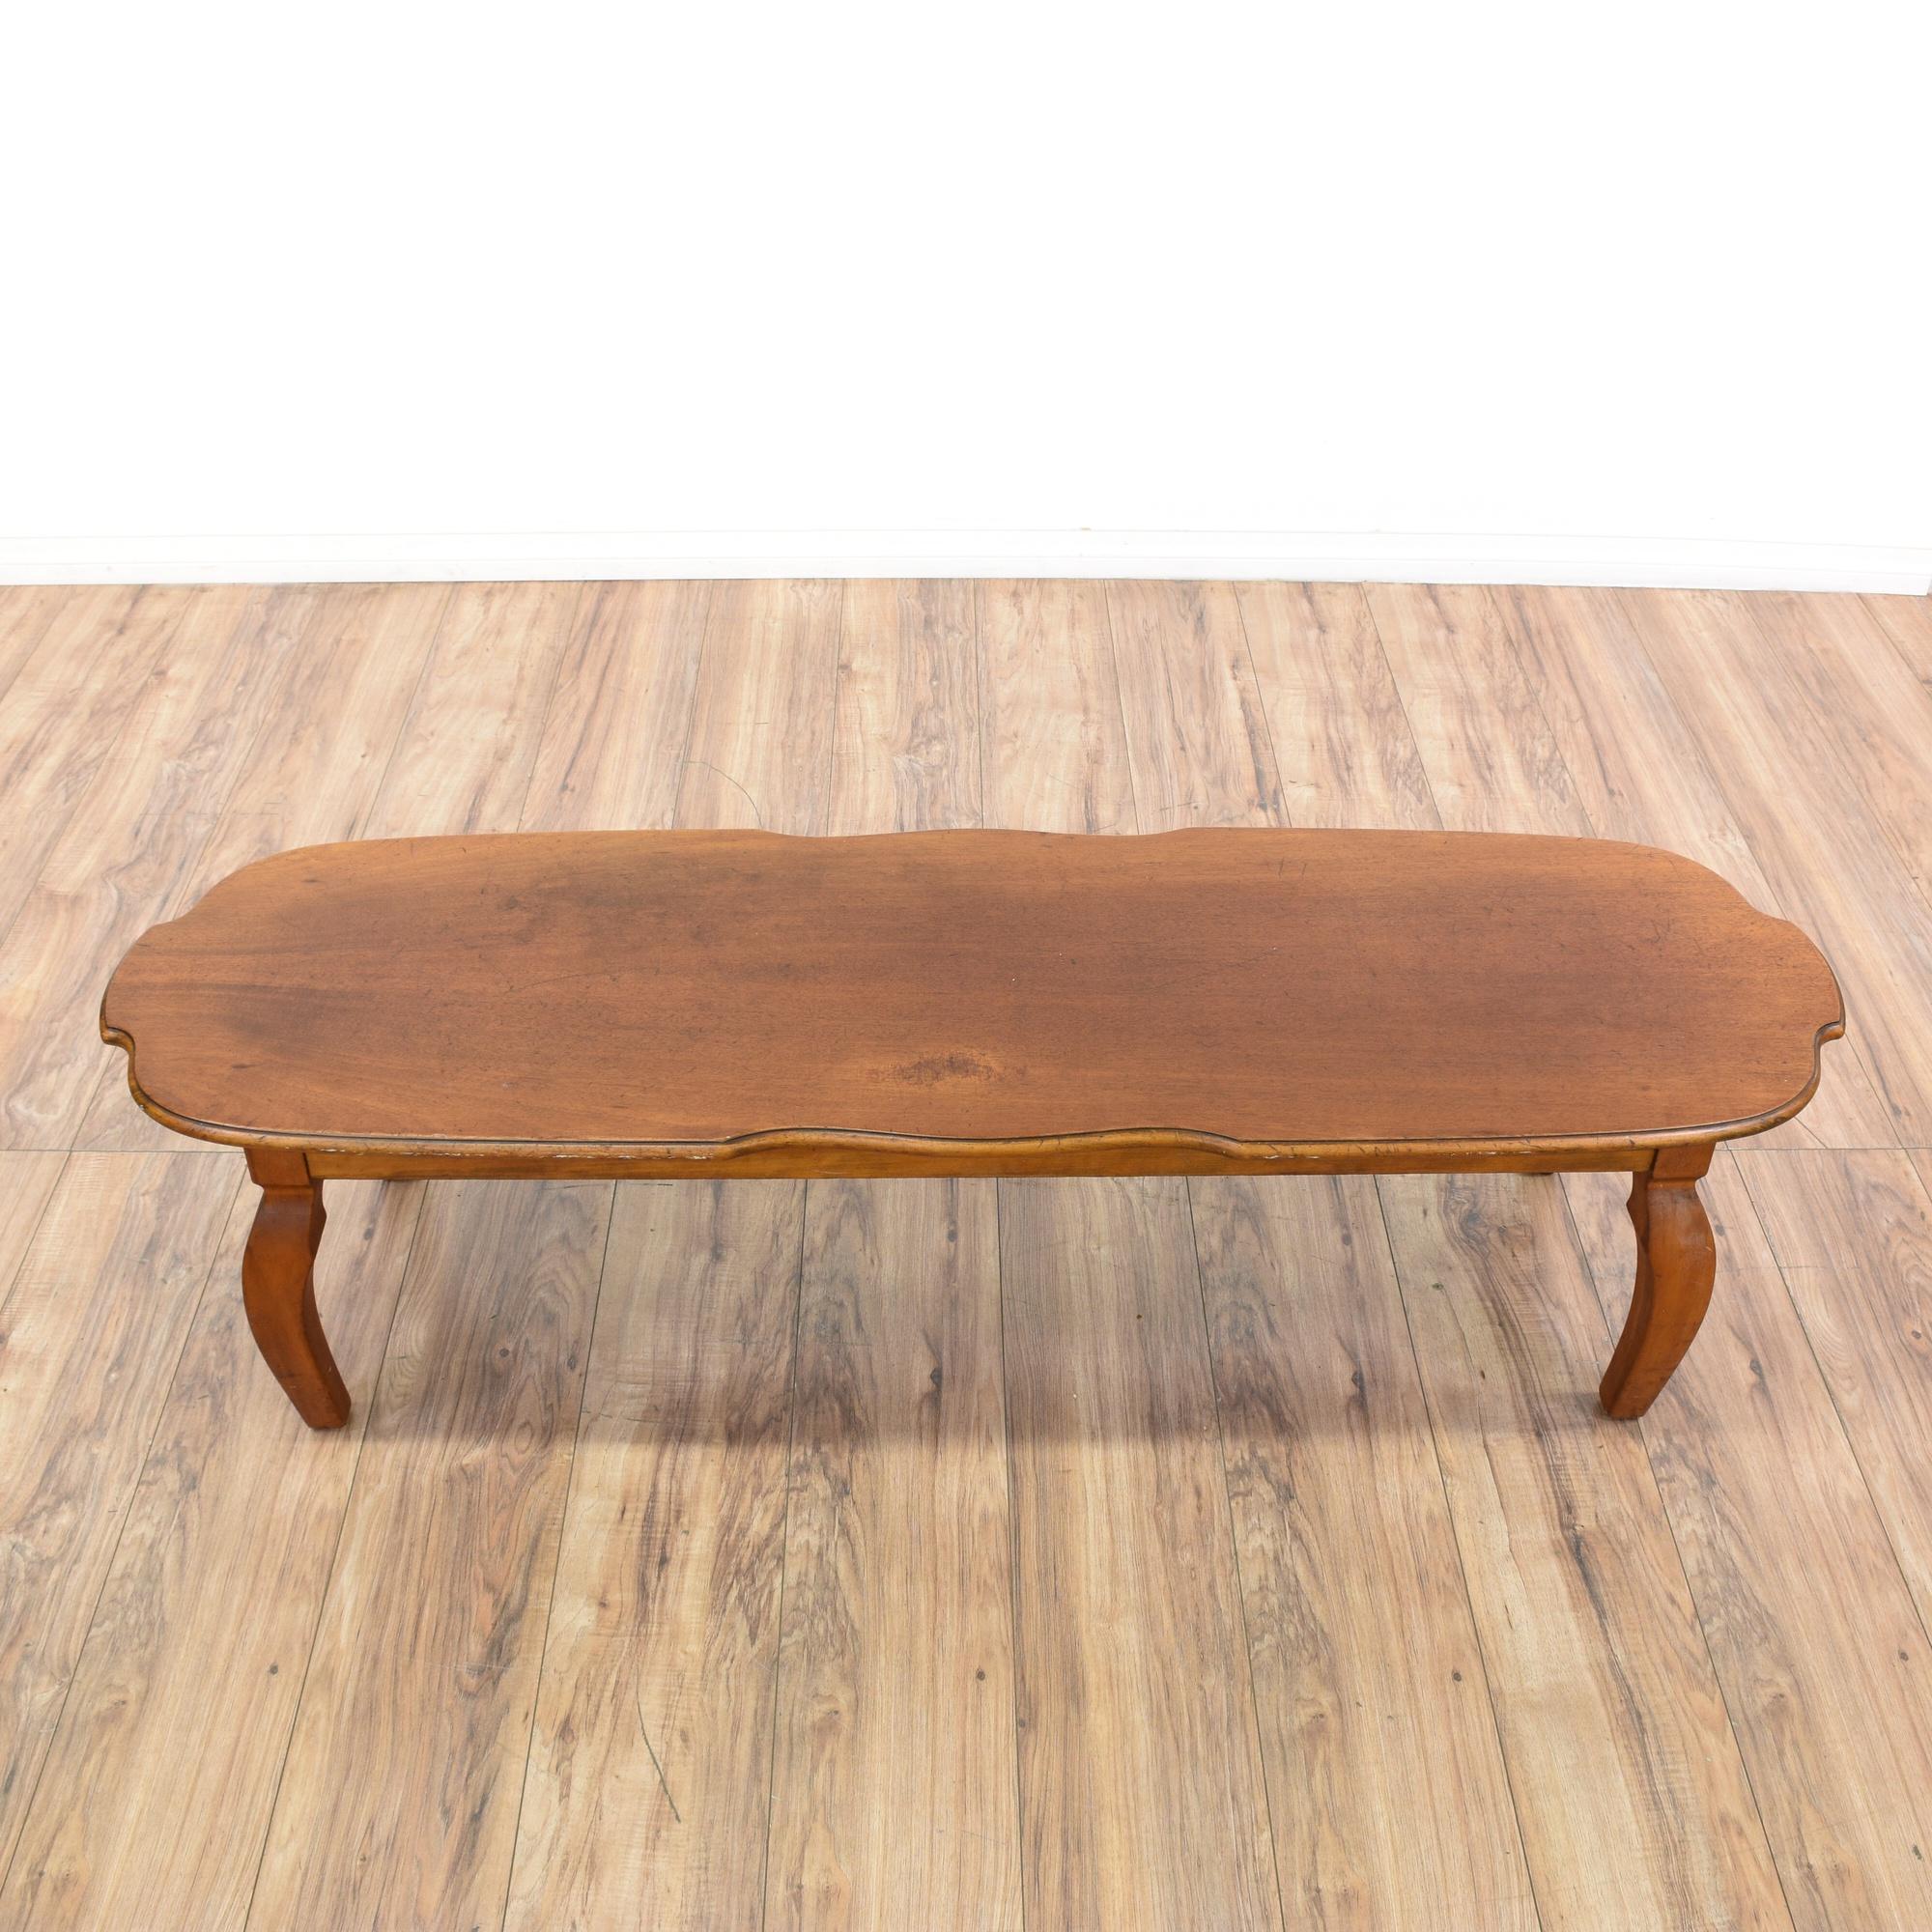 Storage Coffee Tables Los Angeles: Loveseat Vintage Furniture